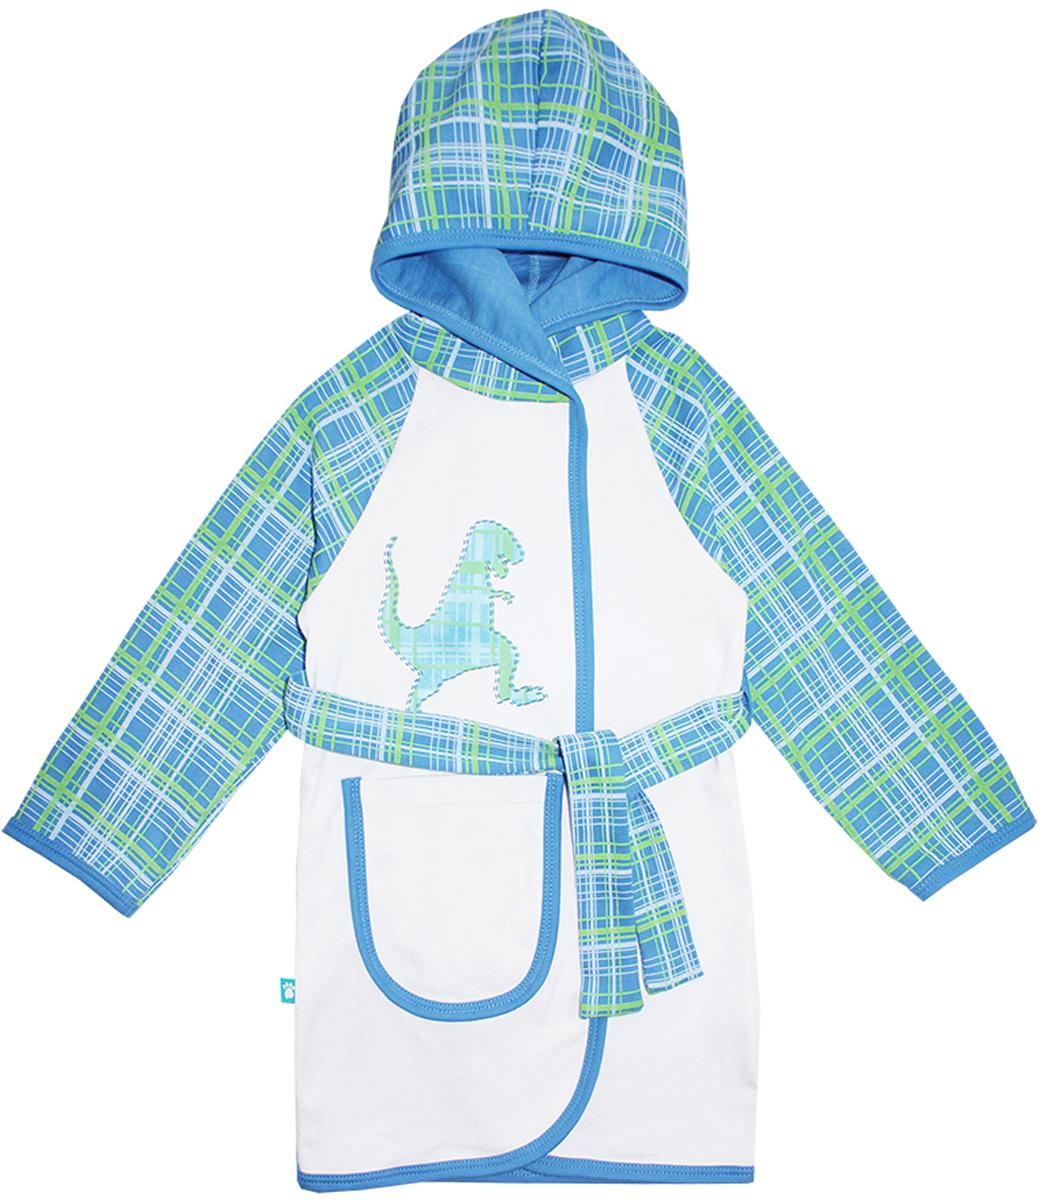 Халат для мальчика КотМарКот Дино, цвет: белый, синий, зеленый. 12251. Размер 92, 2 года12251Халат для мальчика на запах КотМарКот выполнен из натурального хлопка.Модель средней длины с длинными рукавами-реглан и несъемным капюшоном имеет узкий текстильный пояс, дополнена шлевками. Спереди располагается накладной карман. Модель декорирована принтом в клетку по капюшону и рукавам, а также украшена небольшим принтом с изображением динозавра на груди.